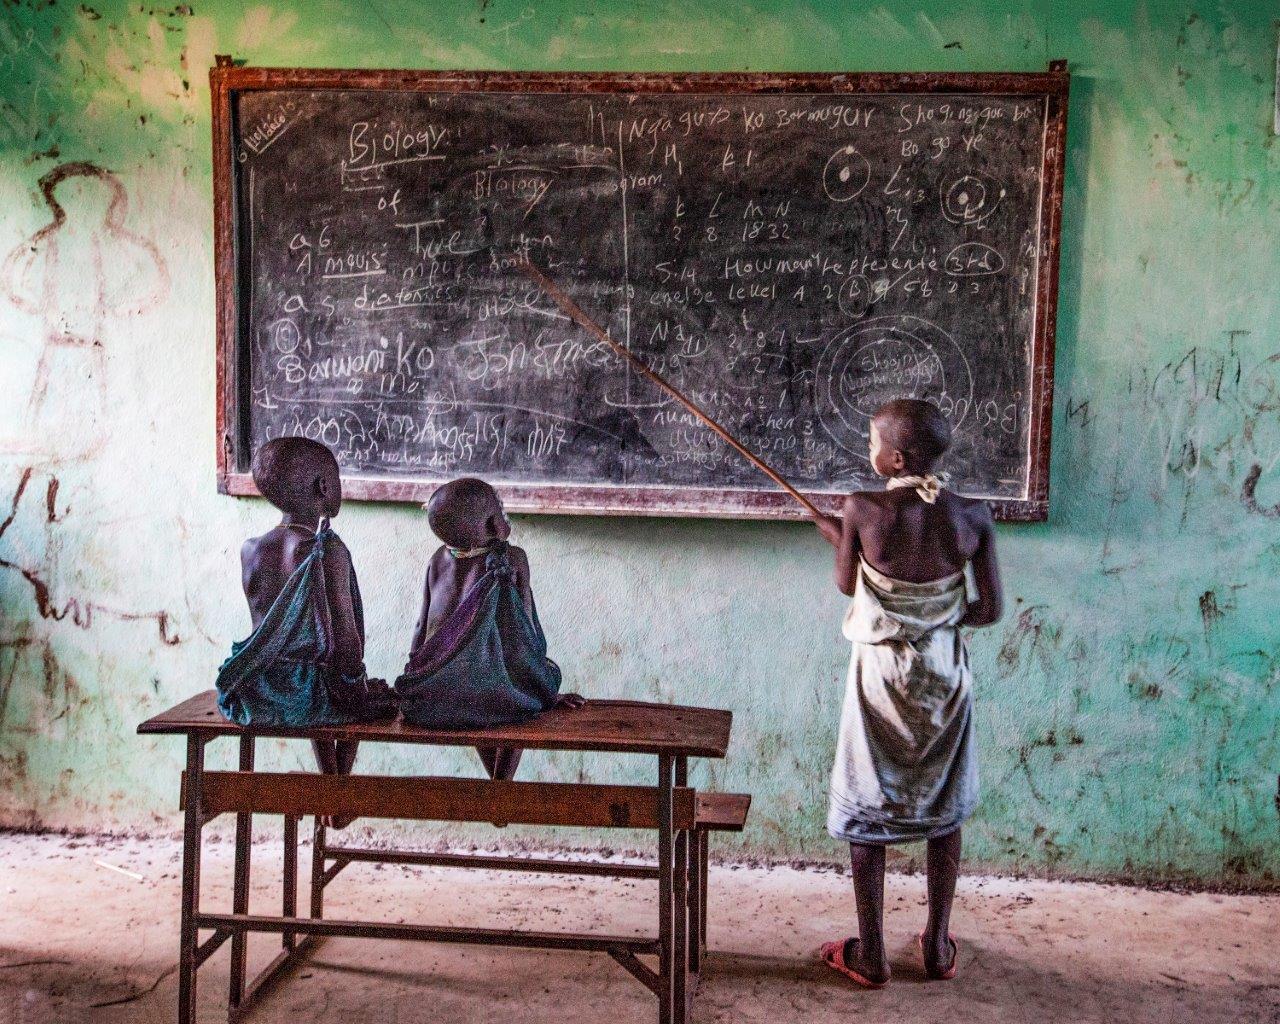 Zdjęcie konkursowe z wystawy pod tytułem Dziecko - Trójka dzieci przy szkolnej tablicy